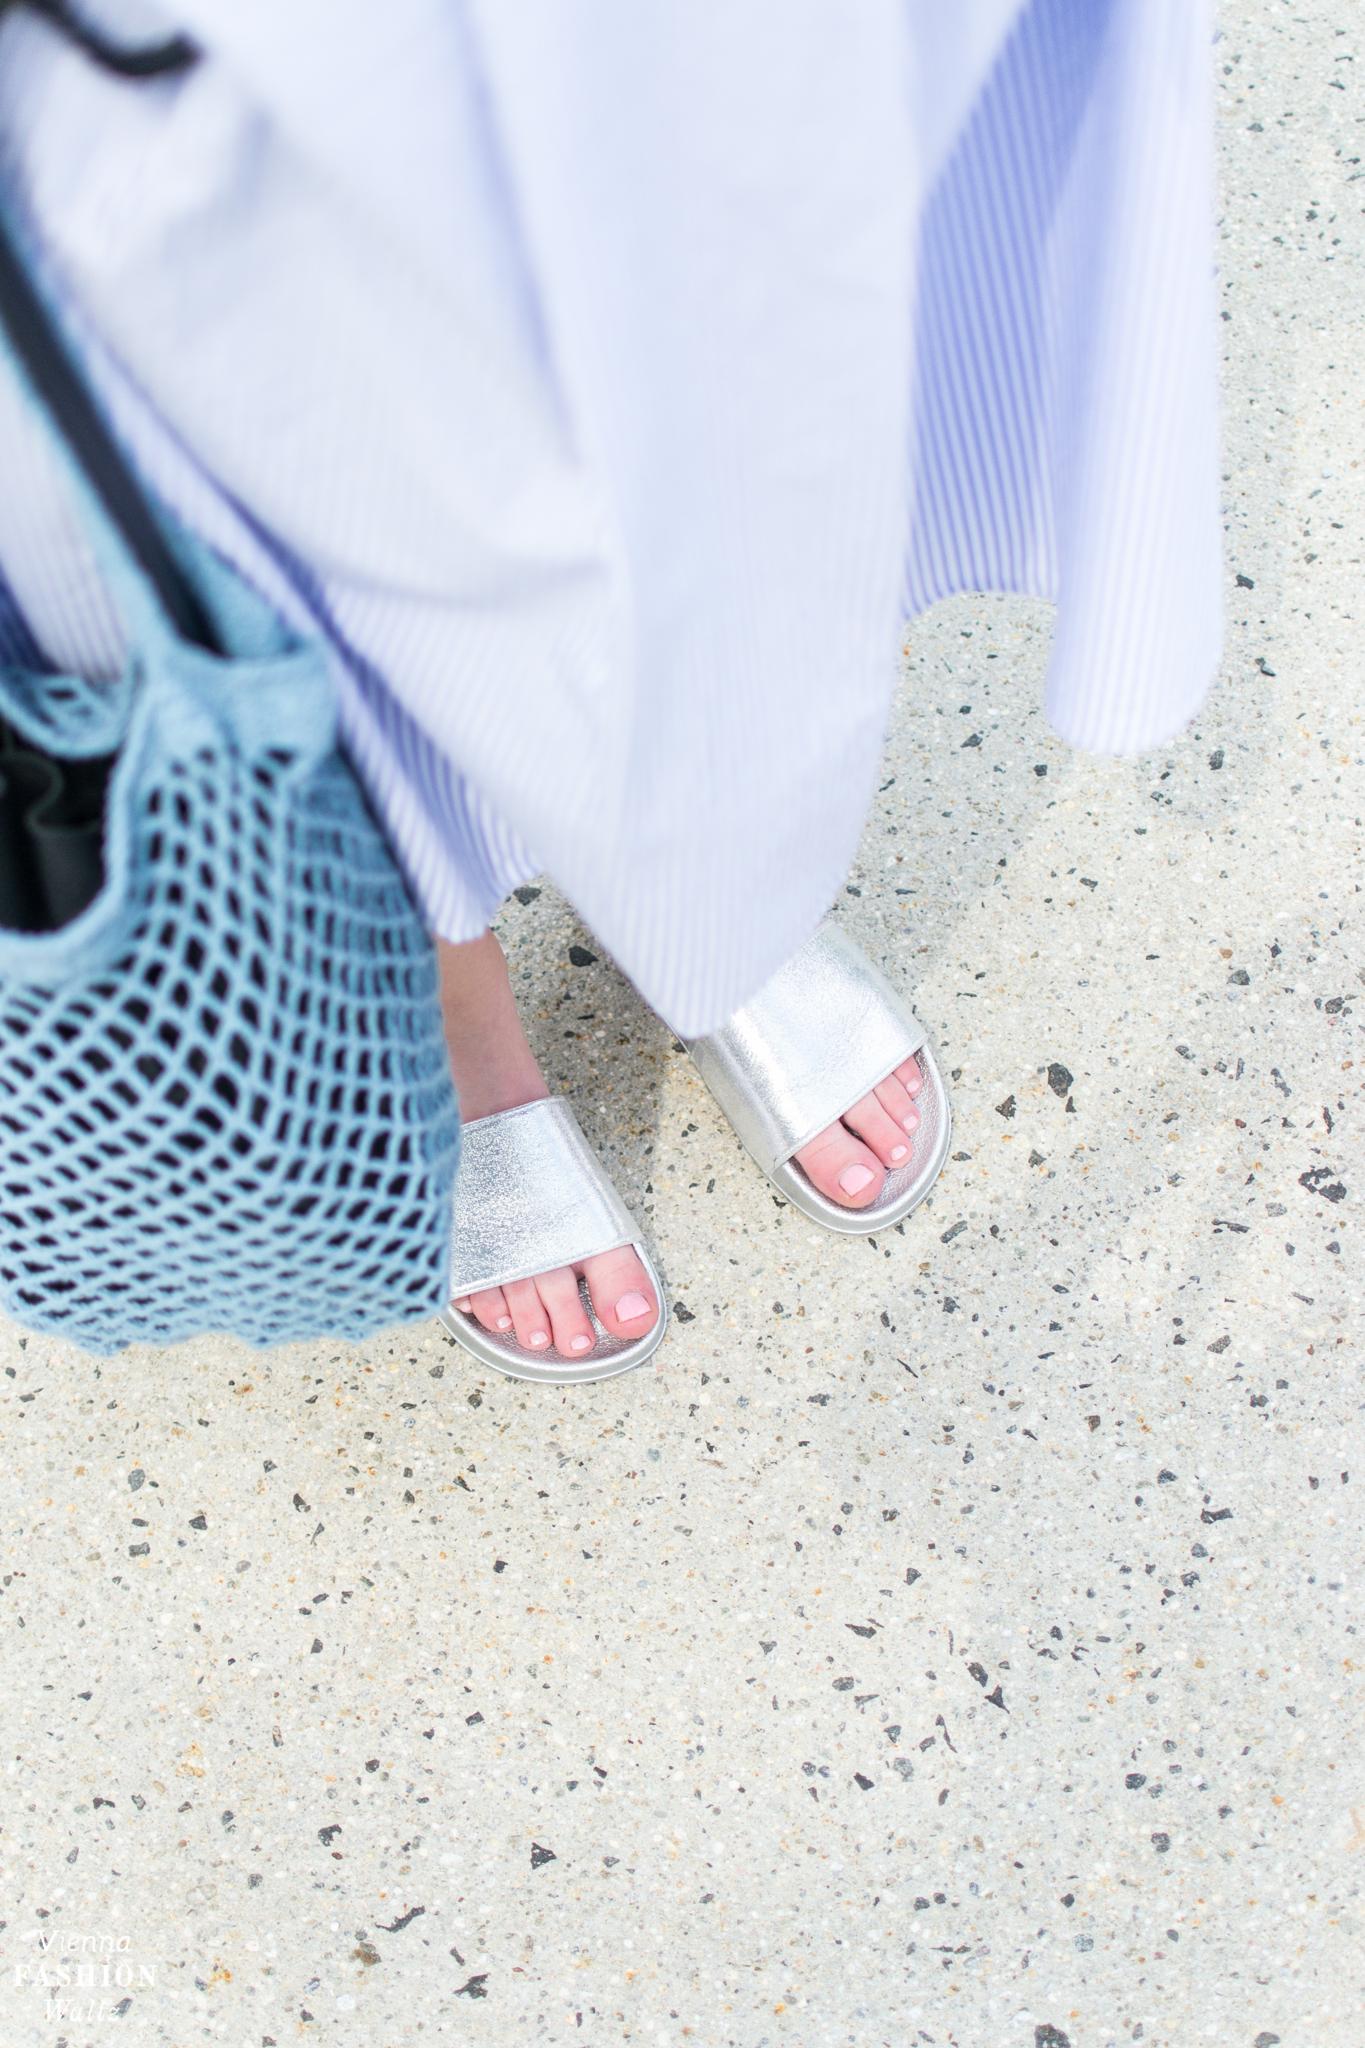 Das perfekte Sommer Outfit mit Streifenrock und Pantoletten | Streetstyle, Bloggerstyle, Fashion Trends, Sommer Look | Streifen, Midi-Rock, metalic silber Pantoletten via Deichmann, stripes